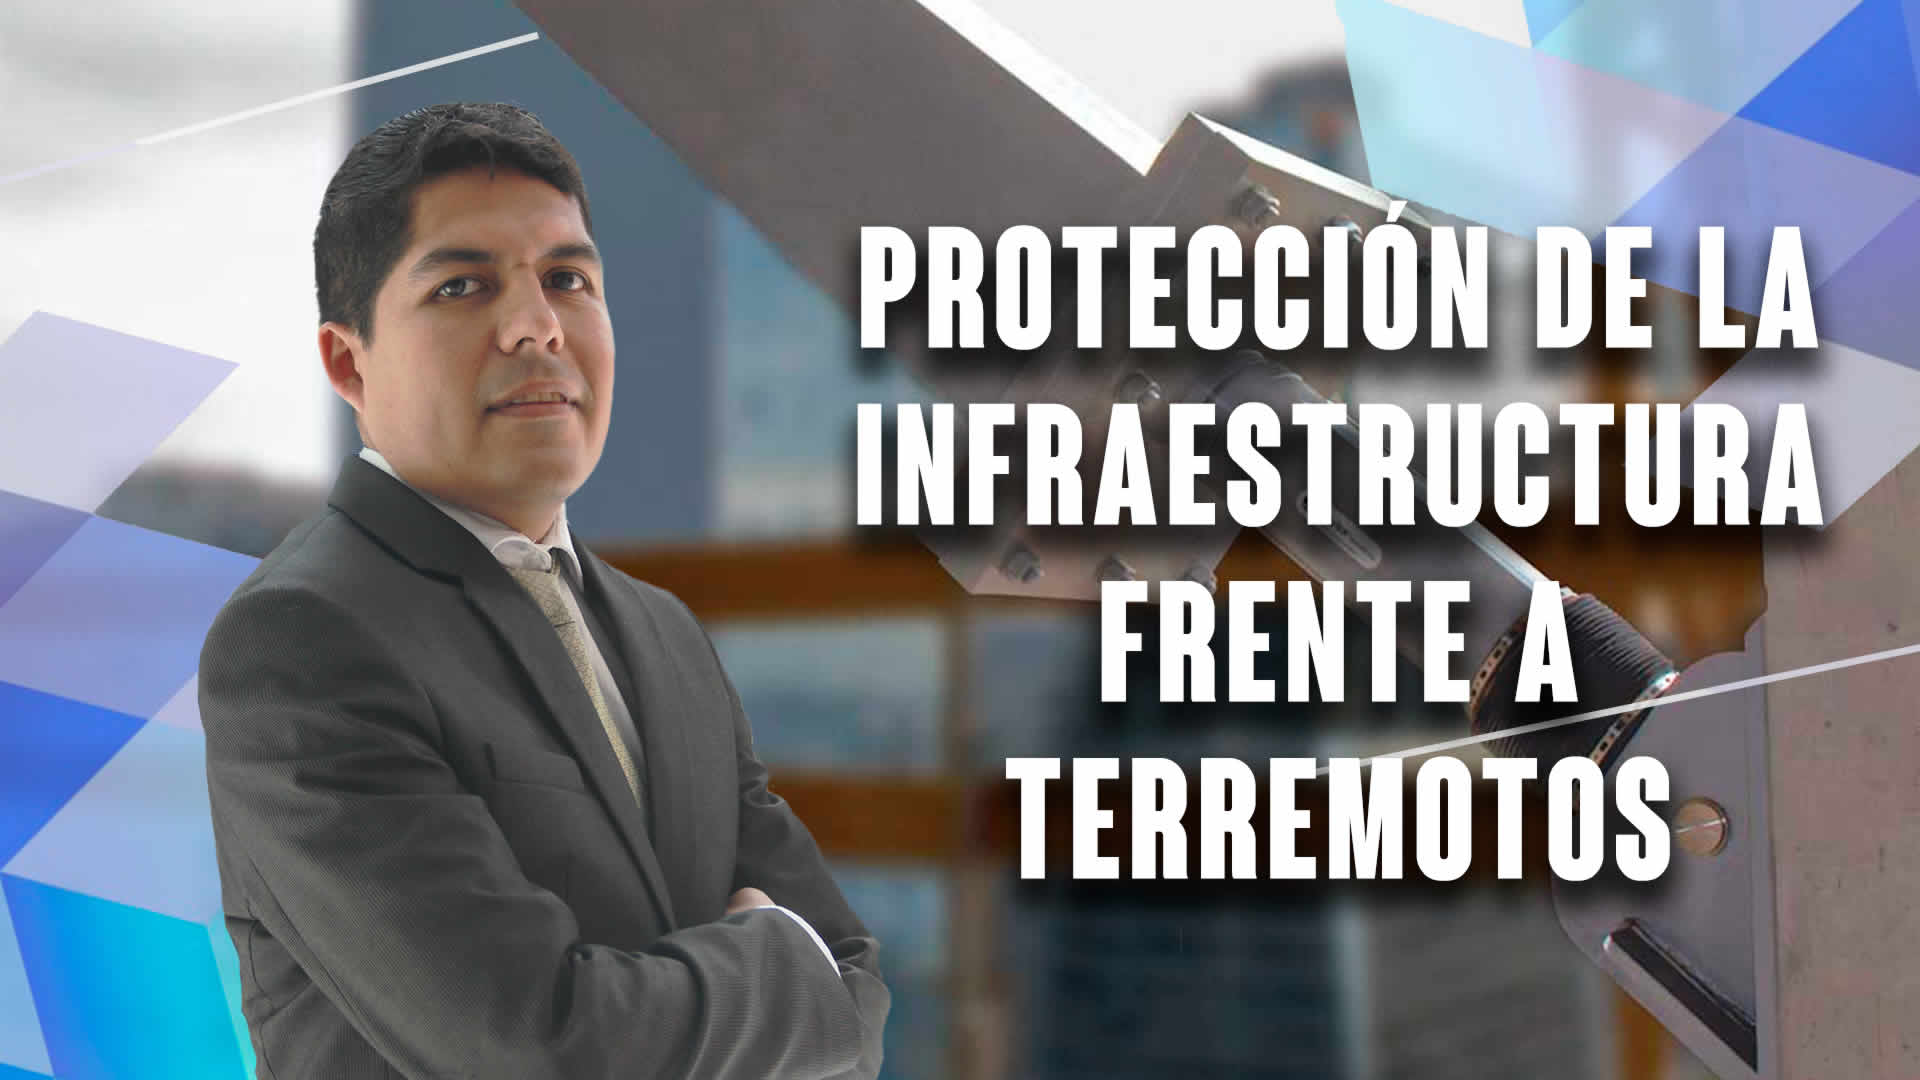 Protección de la infraestructura frente a terremotos